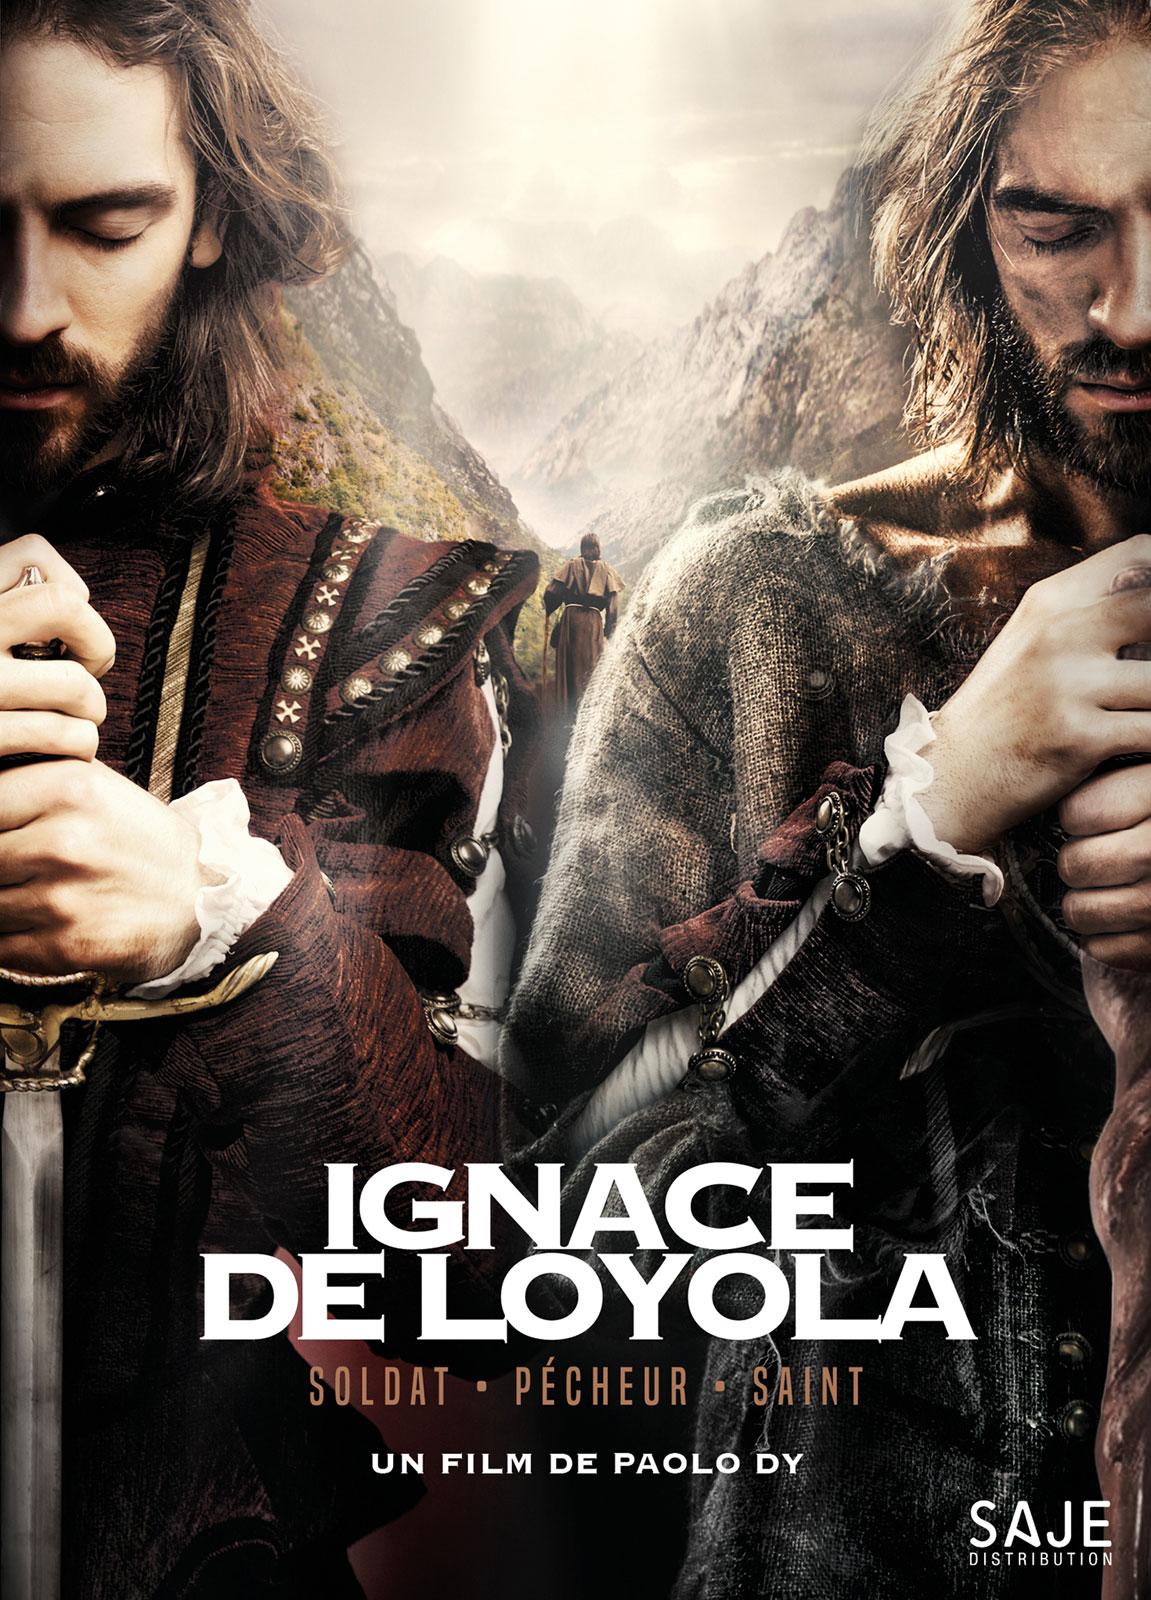 Ignace De Loyola Film 2016 Allocin 233